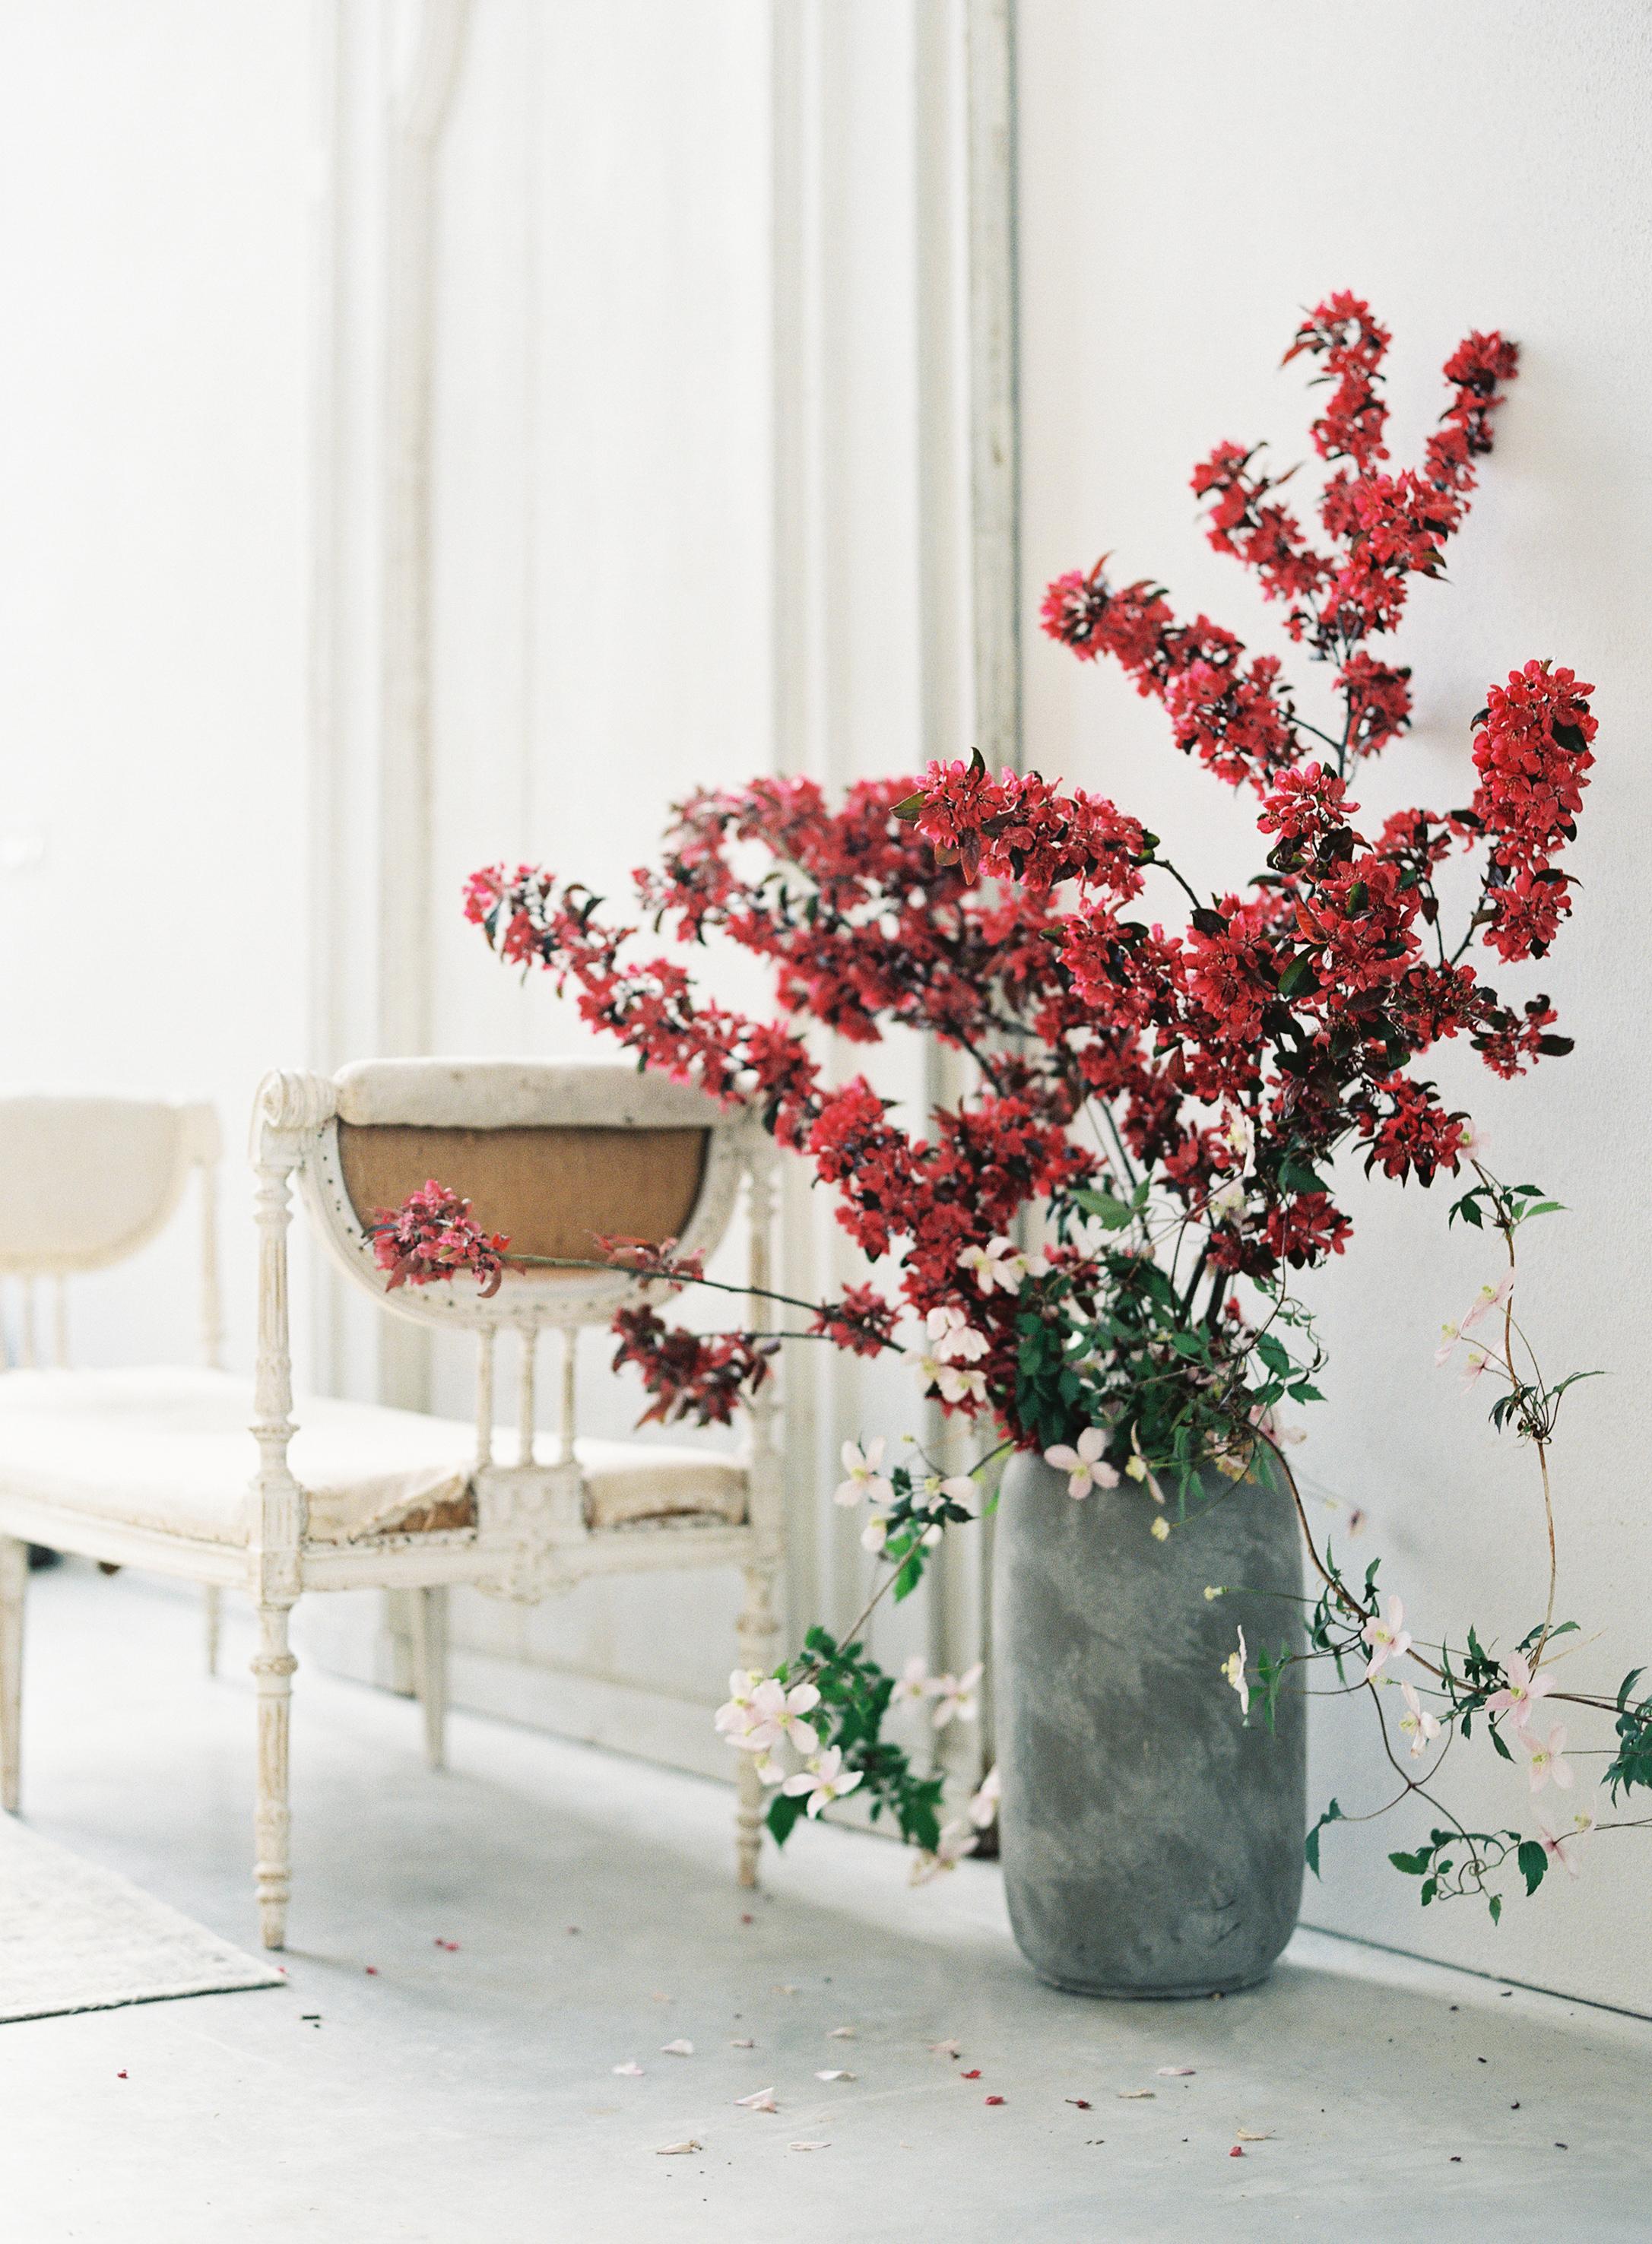 seattle-interiors-photographer-scott-omalley-001.jpg